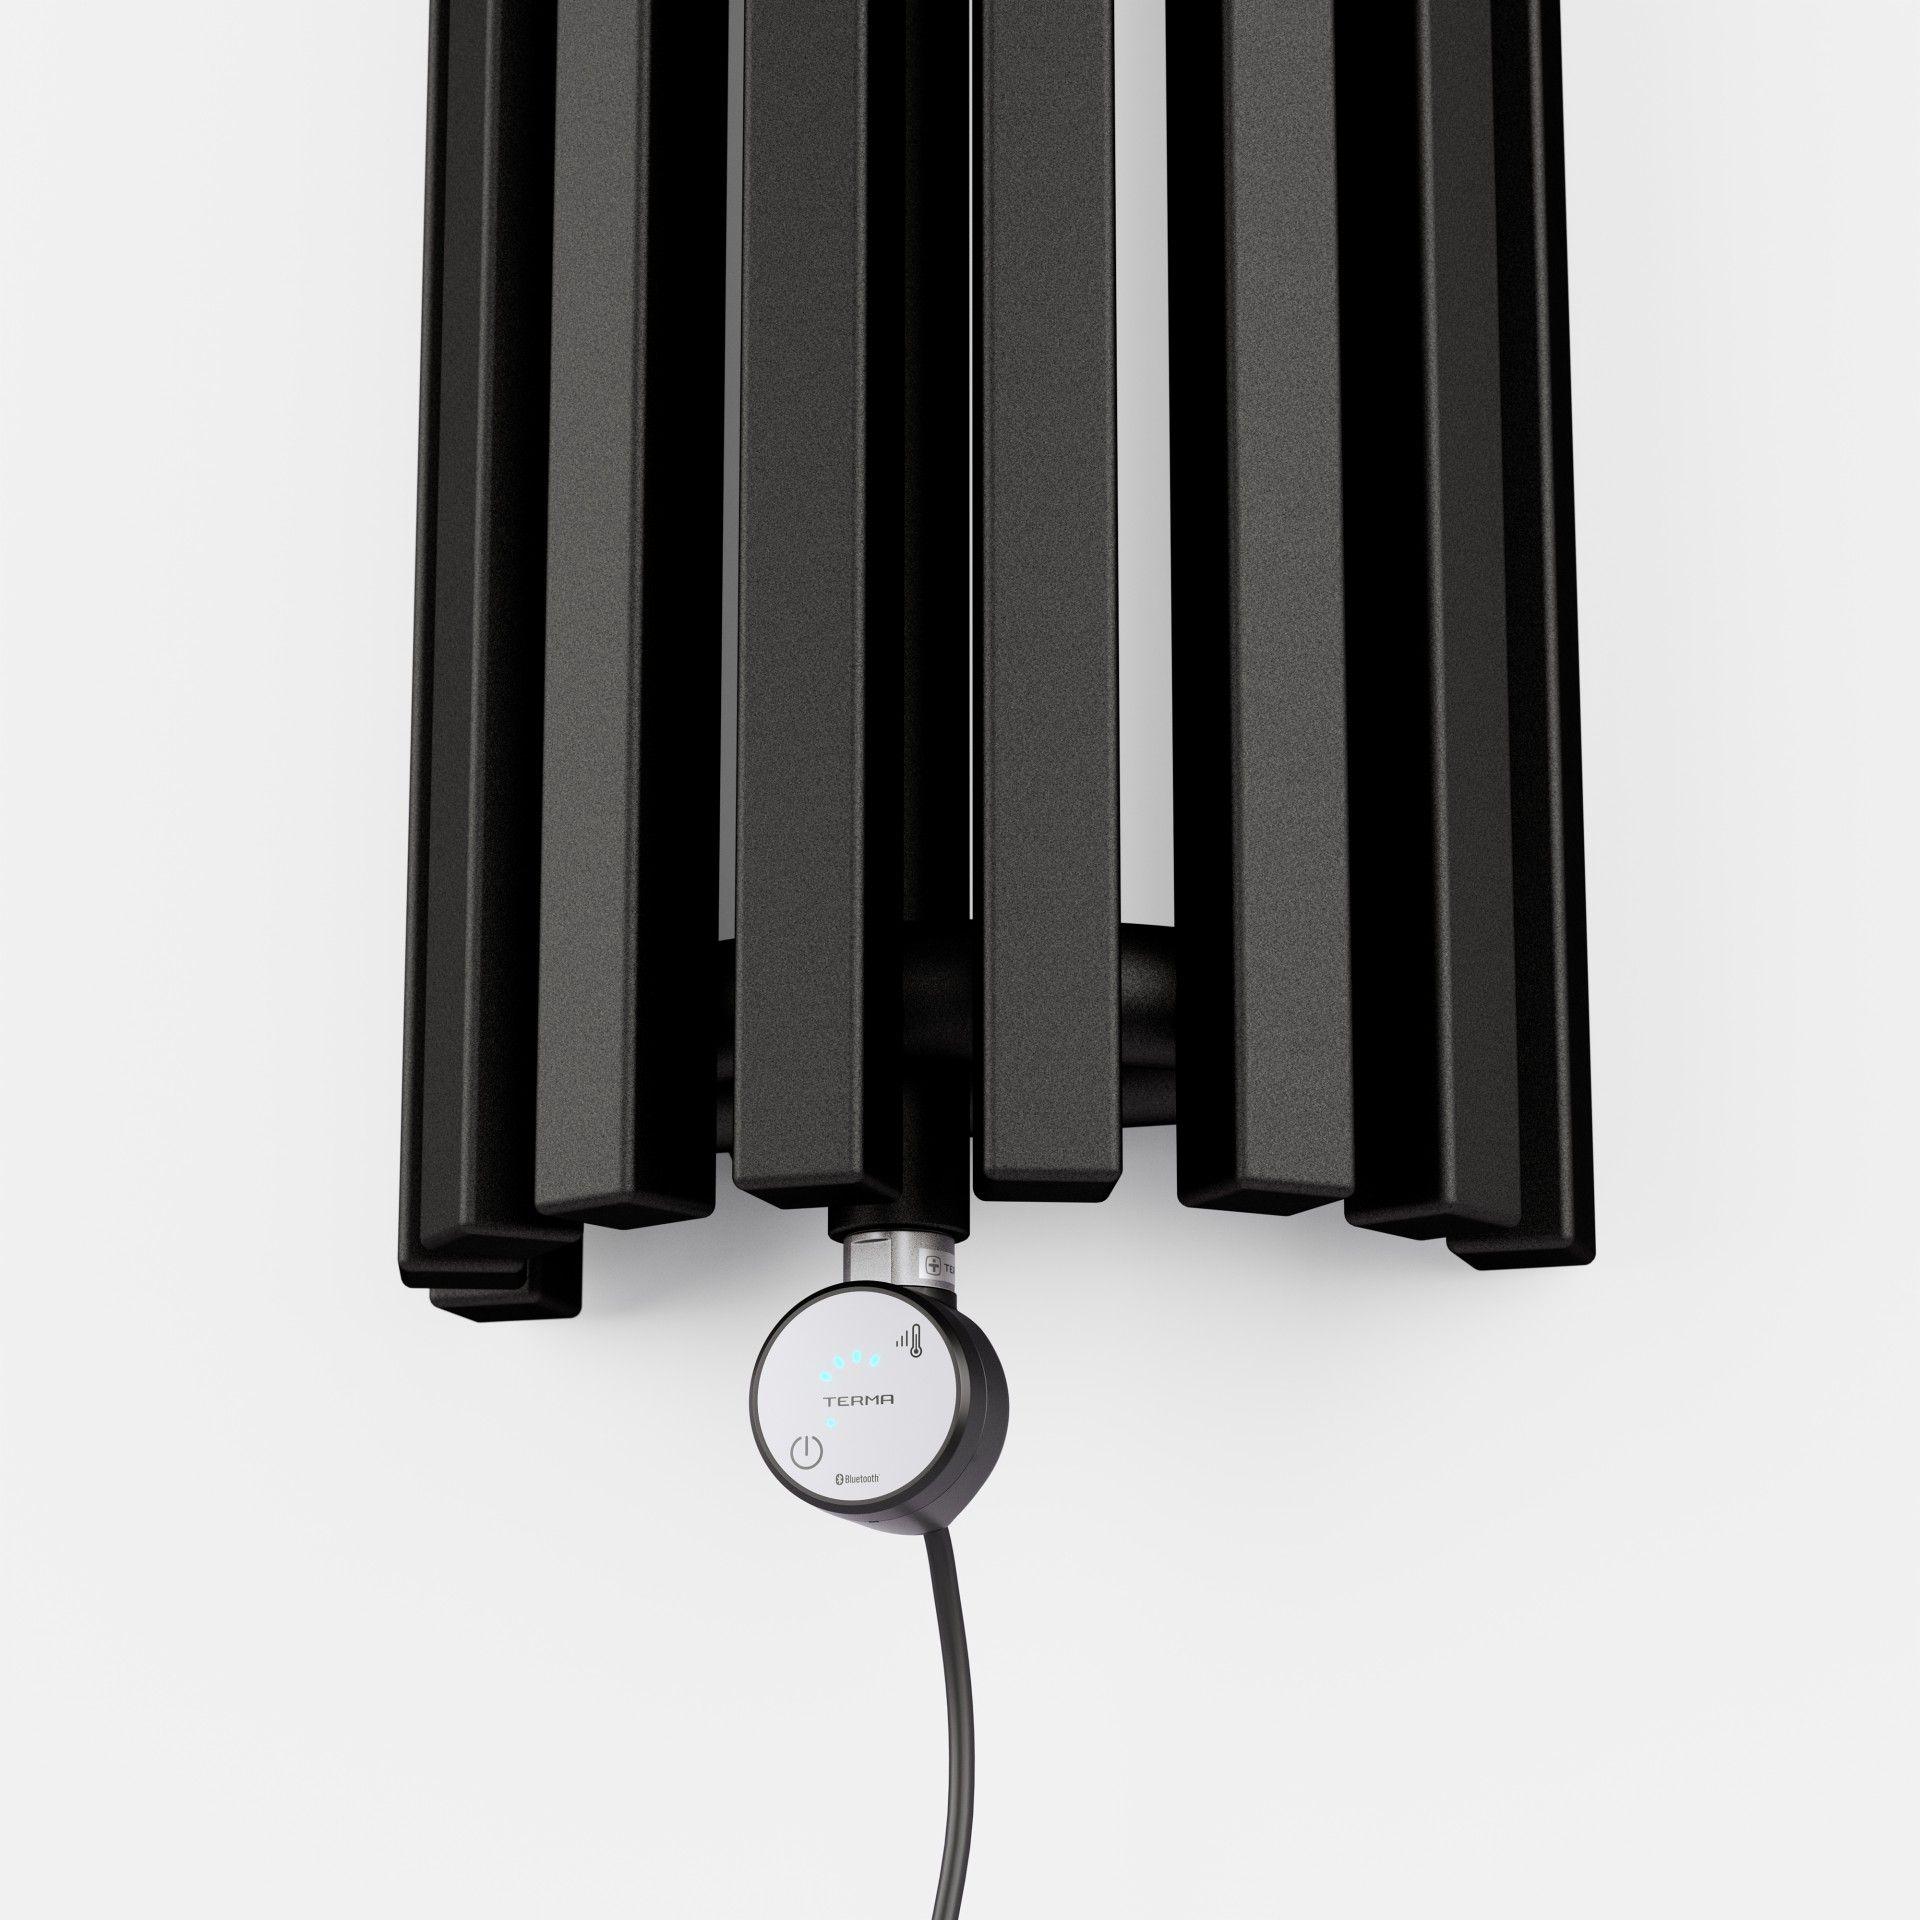 Odoo- Echantillon n° 2 pour trois colonnes